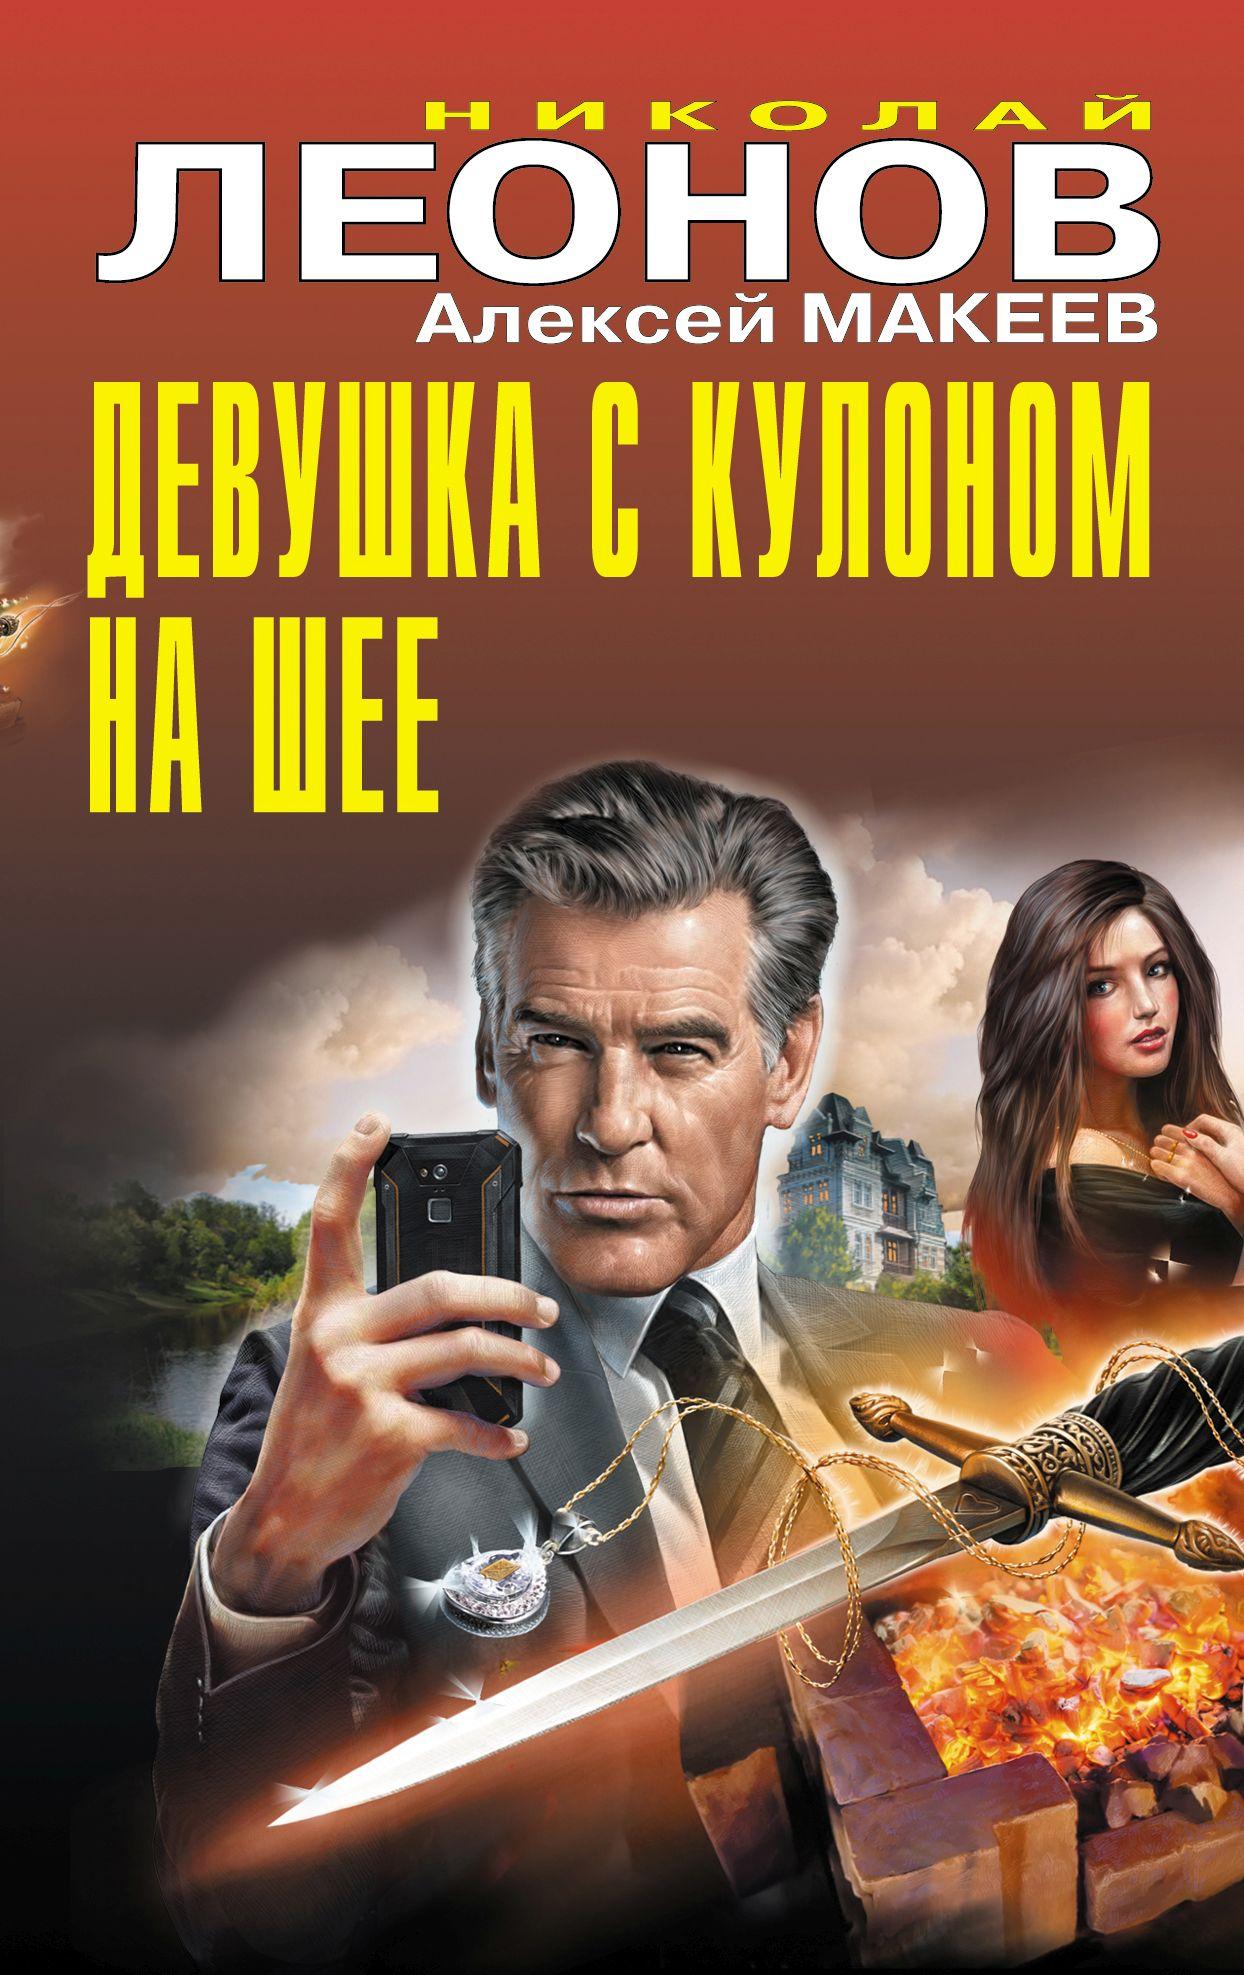 Николай Леонов, Девушка с кулоном на шее – читать онлайн полностью ...